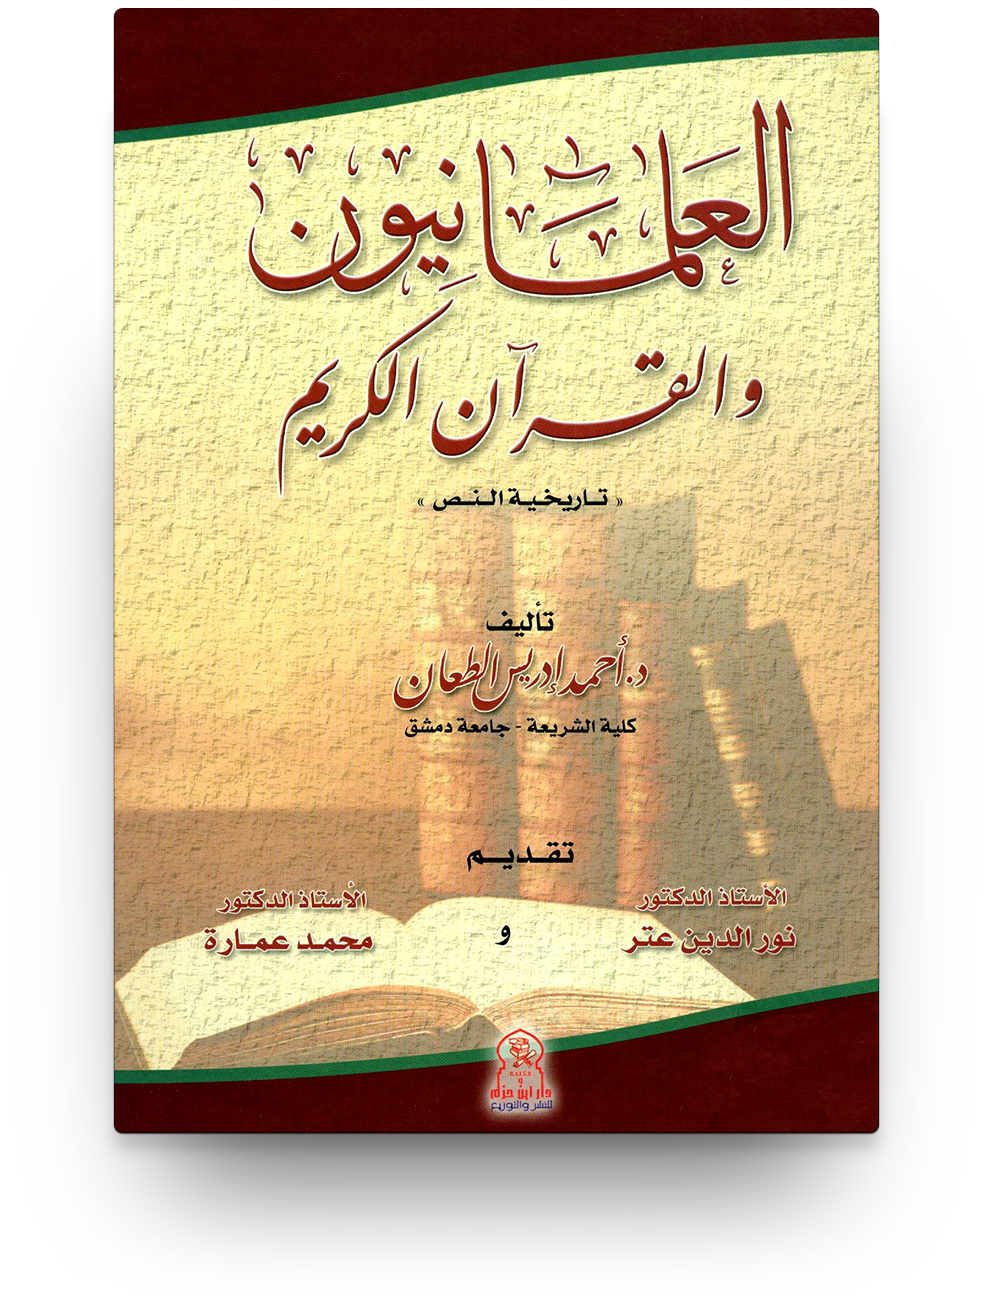 العلمانيون والقرآن الكريم